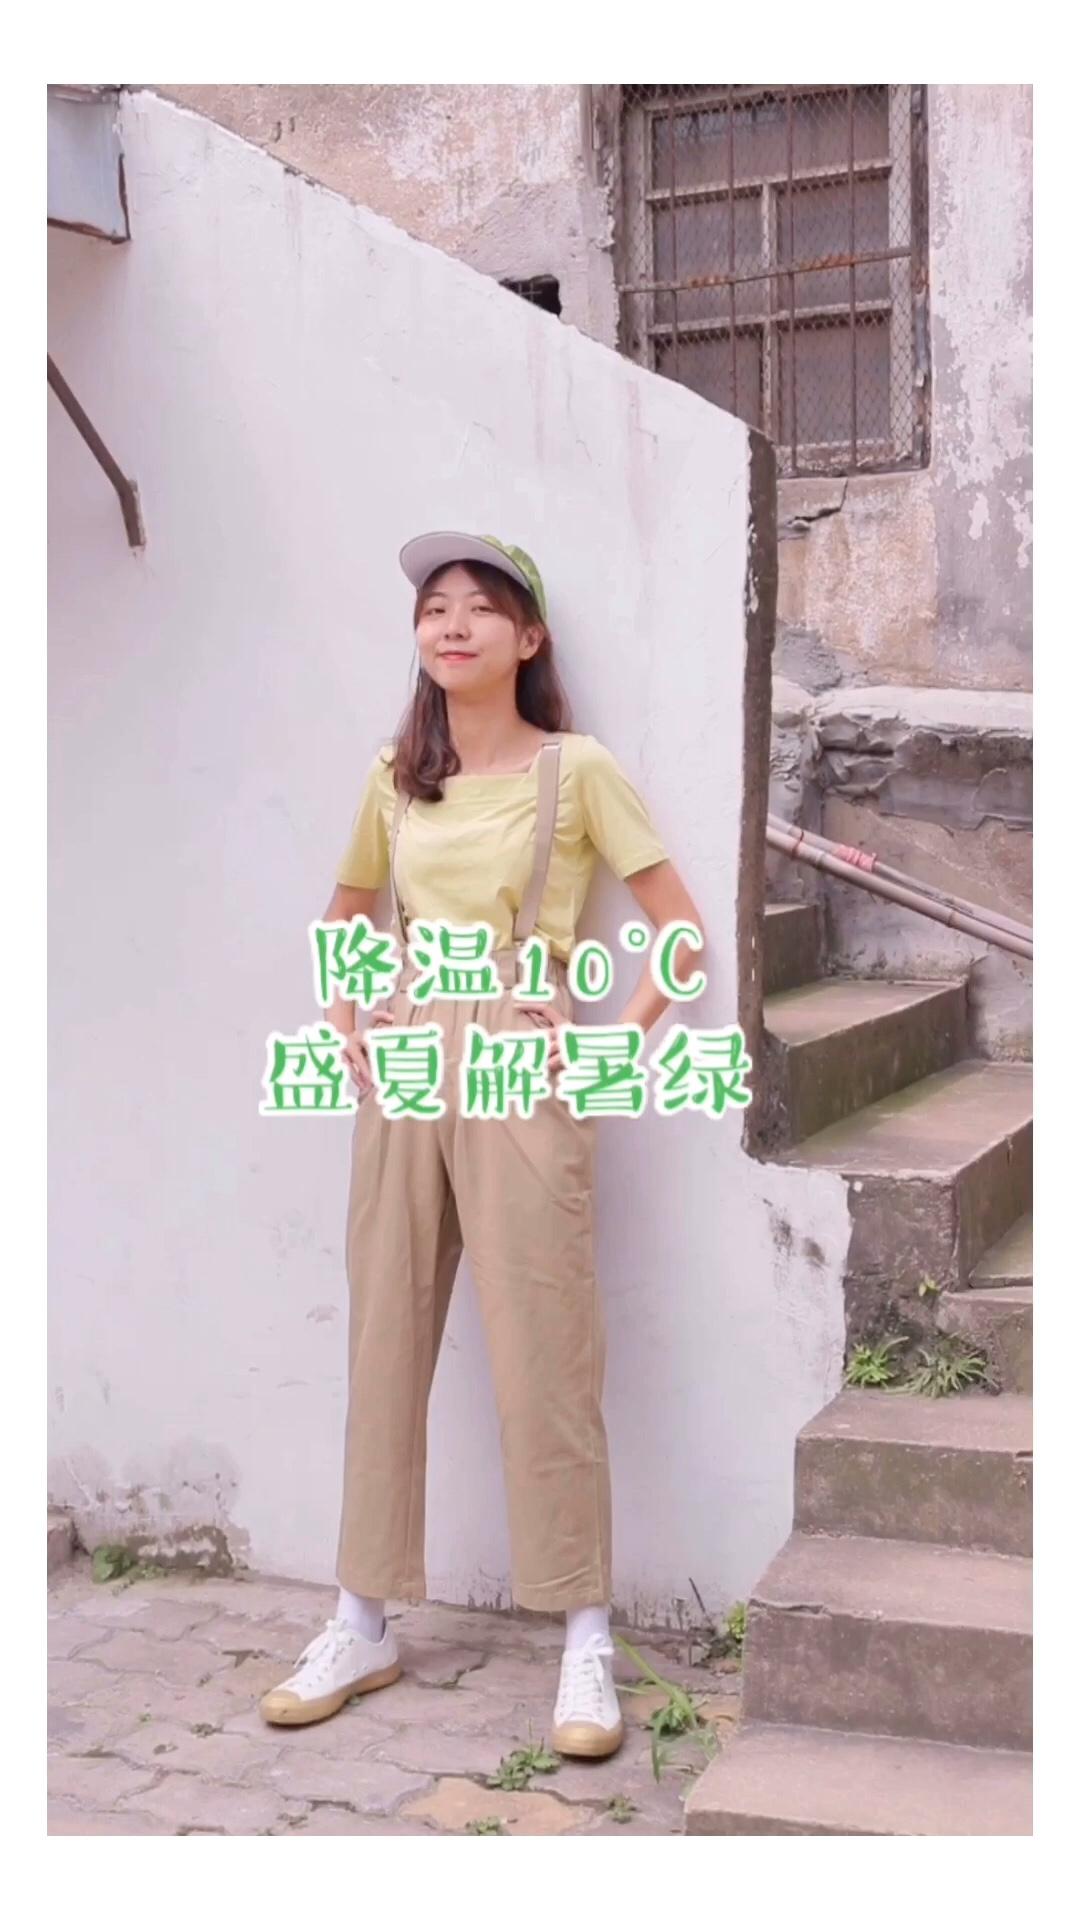 """#夏天我""""方""""了!从头到jio!#  🌷大家好,我是大鱼,身高体重163/43  🌷果绿色方领短袖比较清新显白,棉质宽松款很舒服,柔软亲肤,搭配卡其色直筒裤,高腰款很显瘦显高,自己的搭配是另外一种感觉哦。  🌷喜欢记得给我点赞留言哦!"""